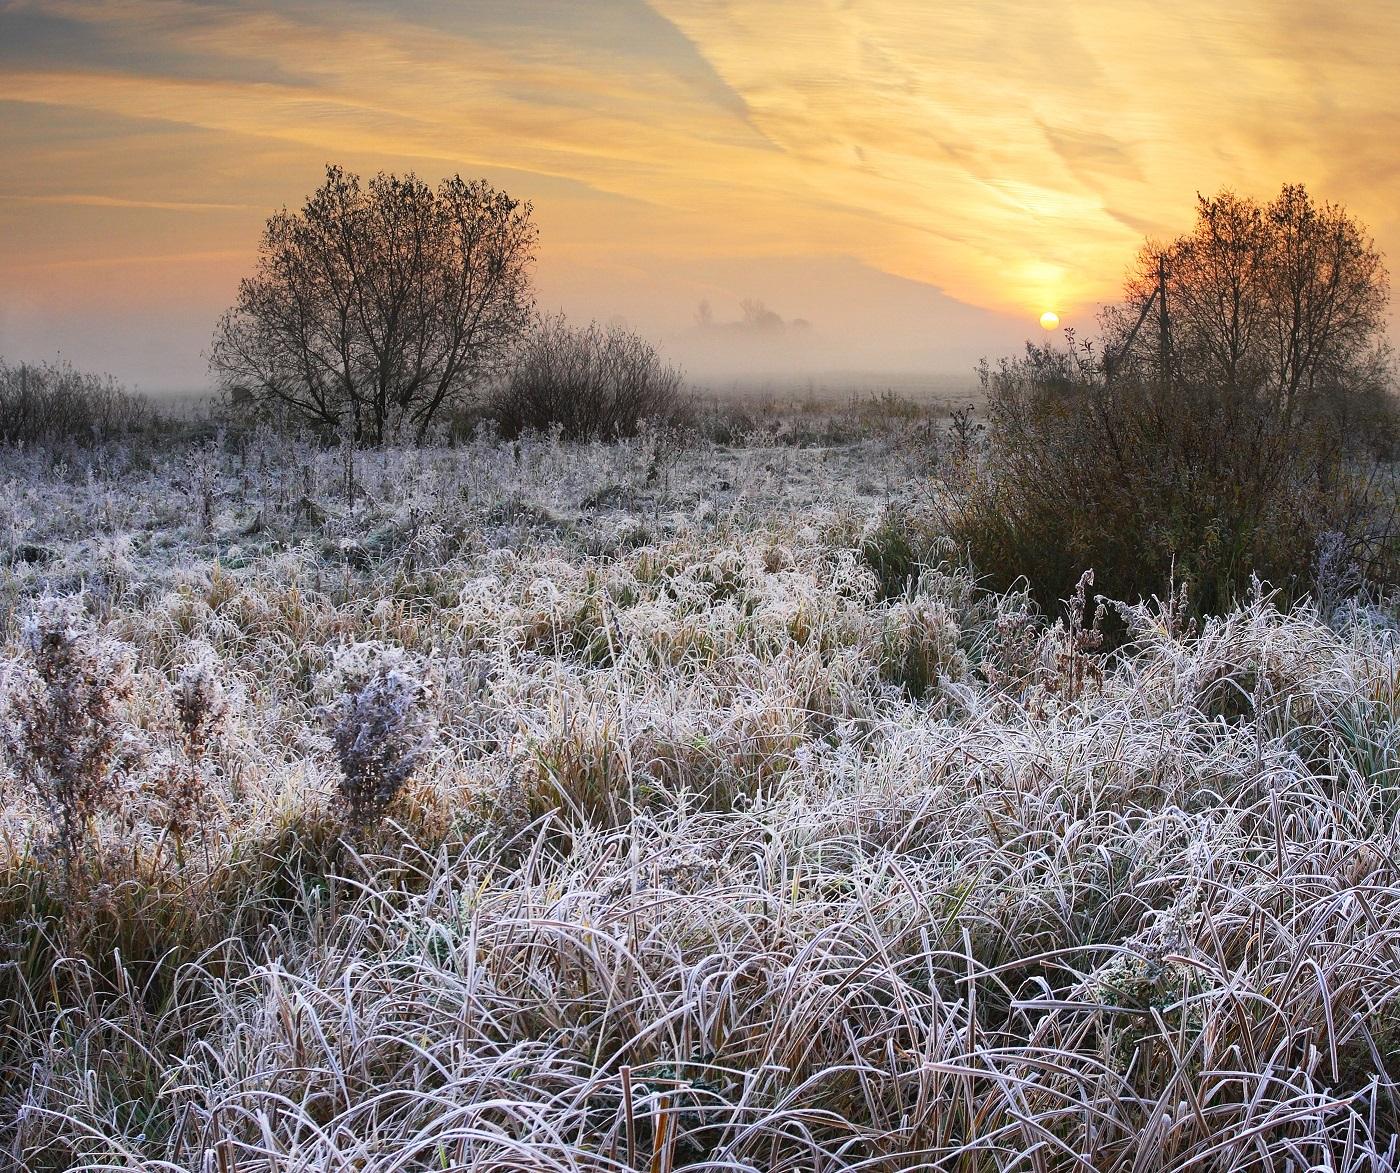 Праздники в октябре. Источник фото: Shutterstock